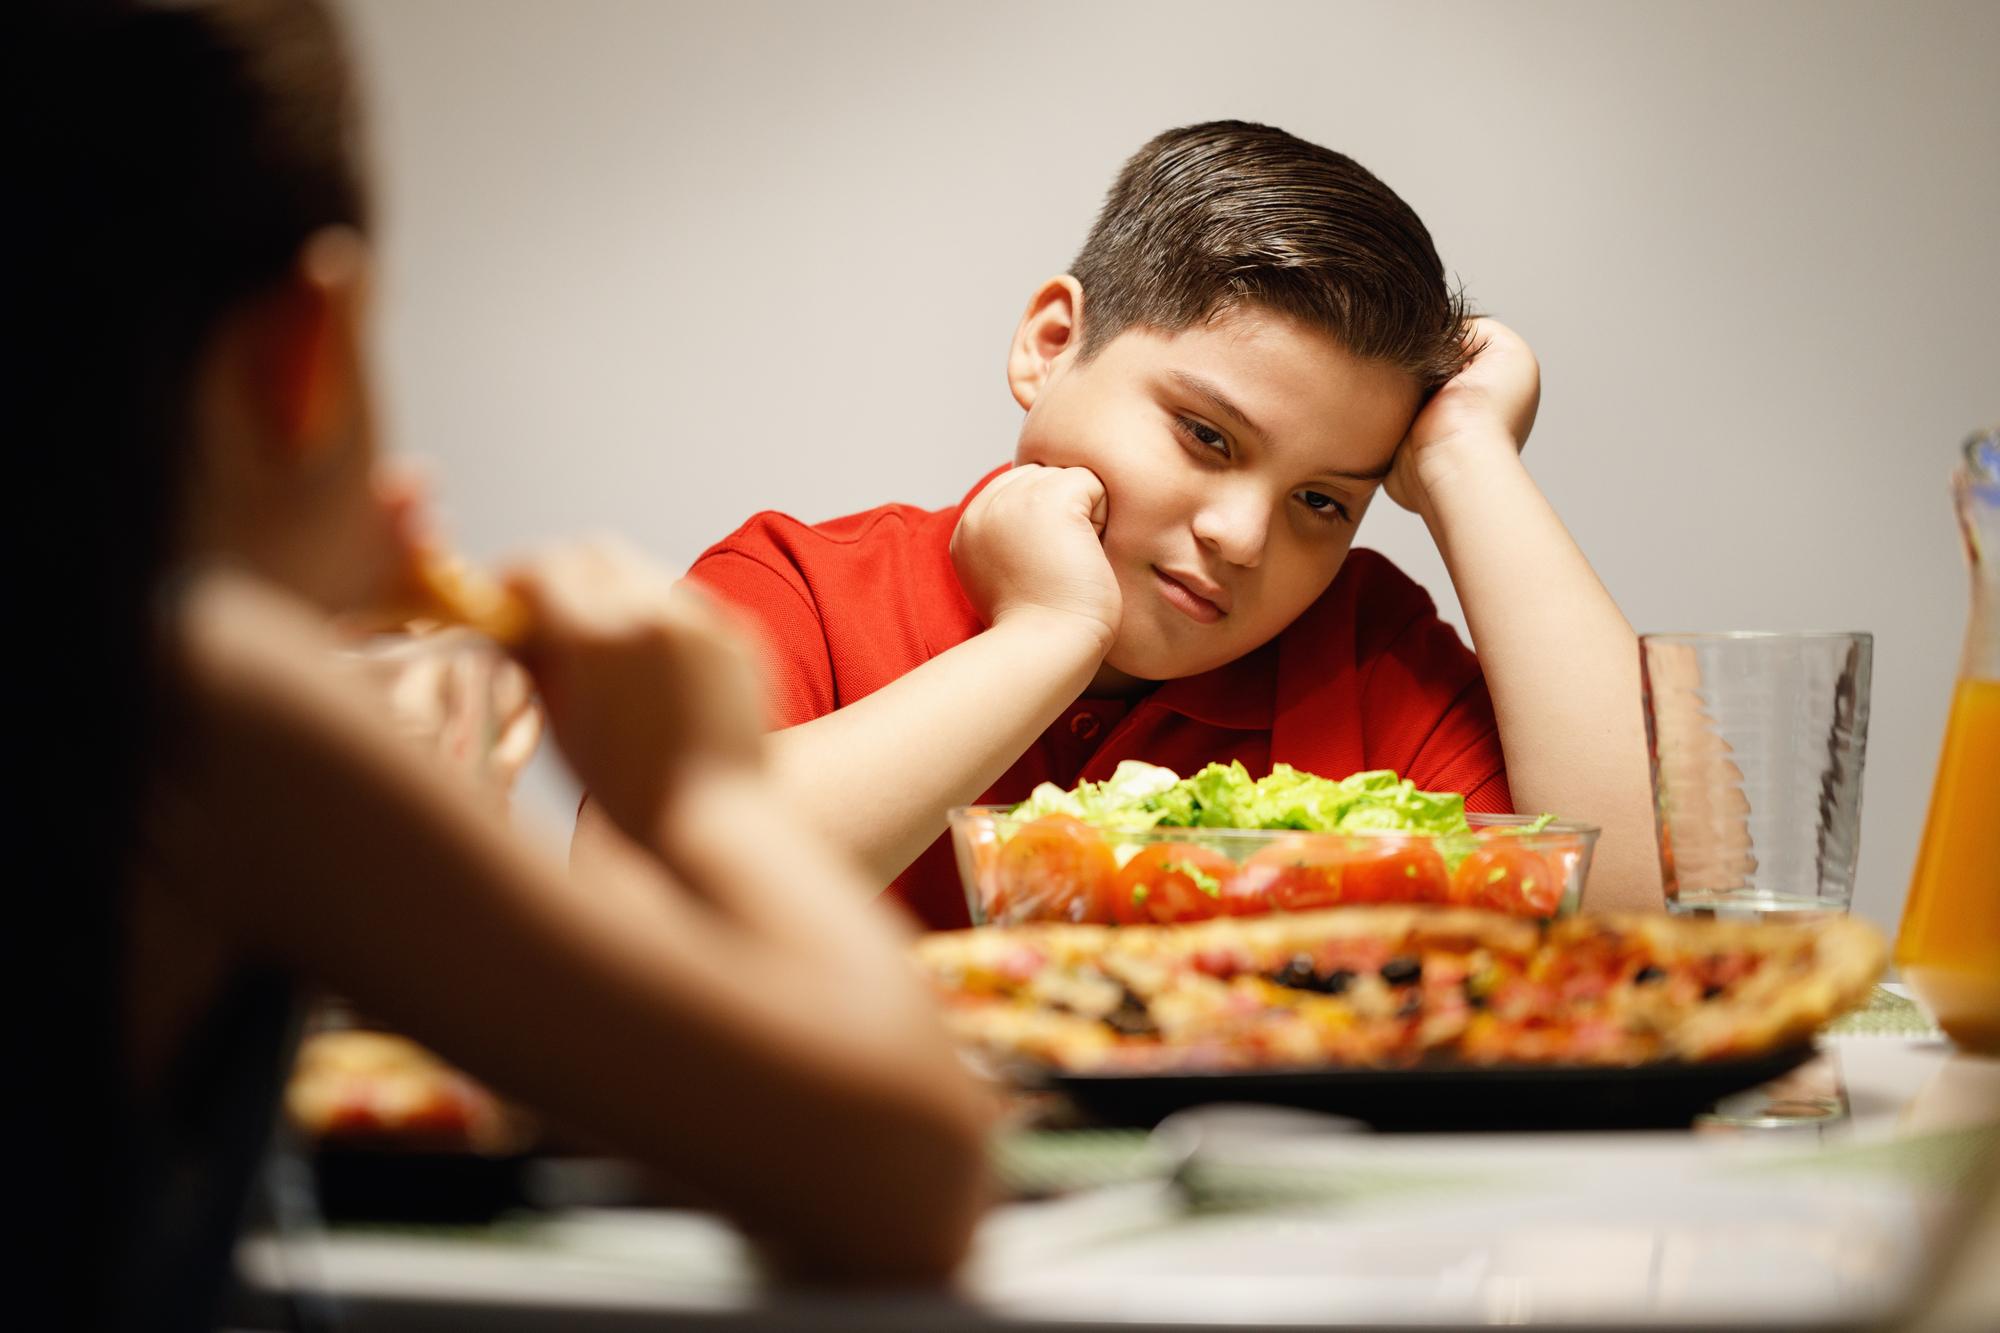 家族で健康的な食生活を心がける